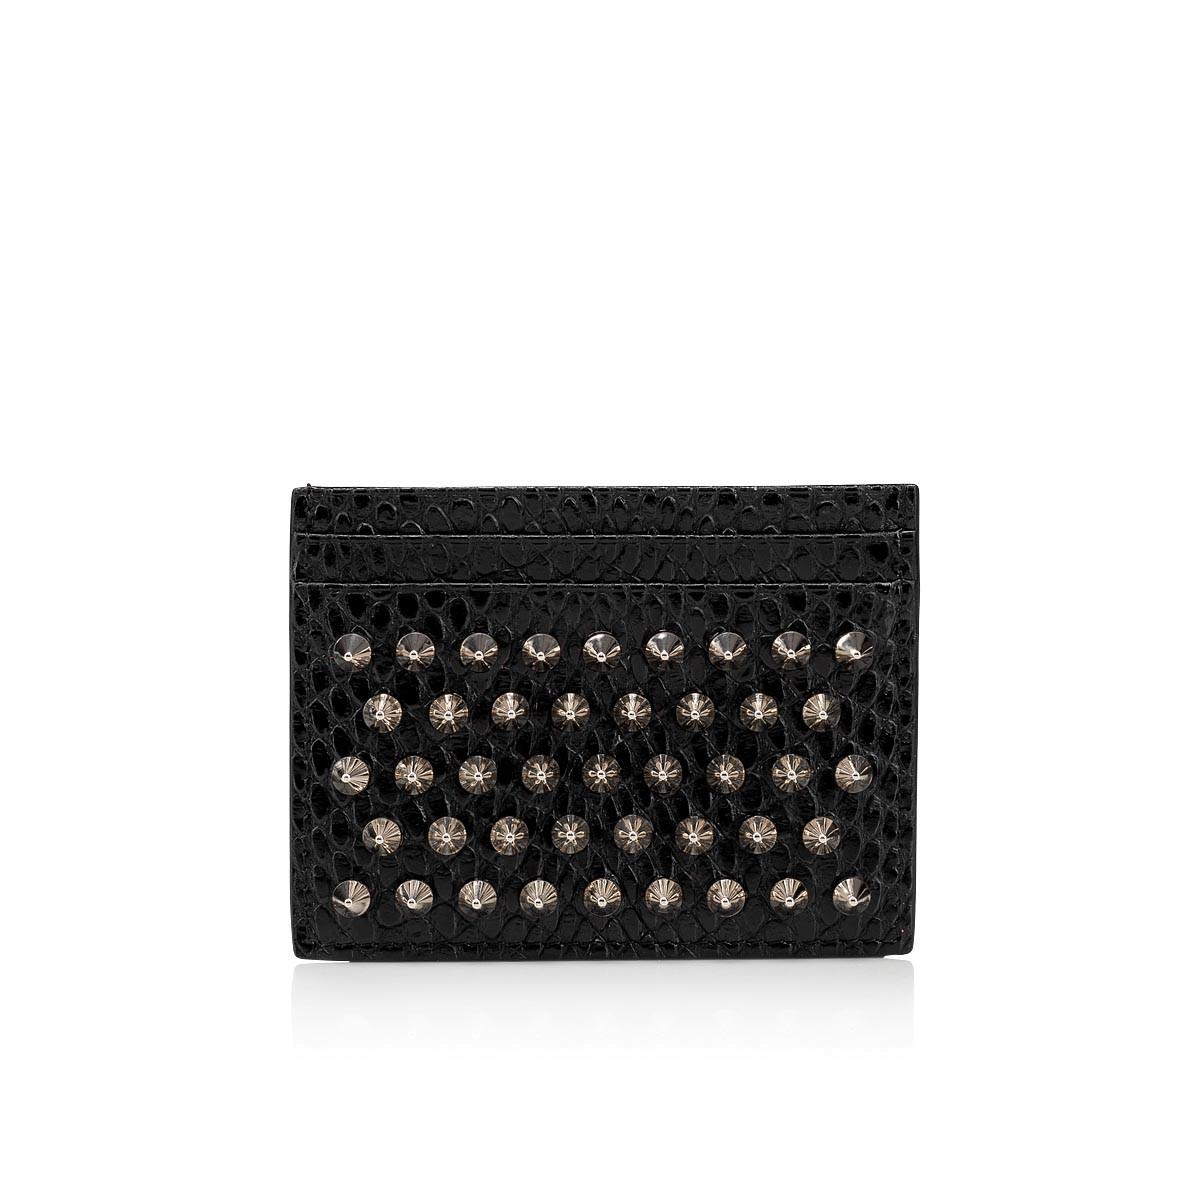 Small Leather Goods - W Kios Cardholder - Christian Louboutin